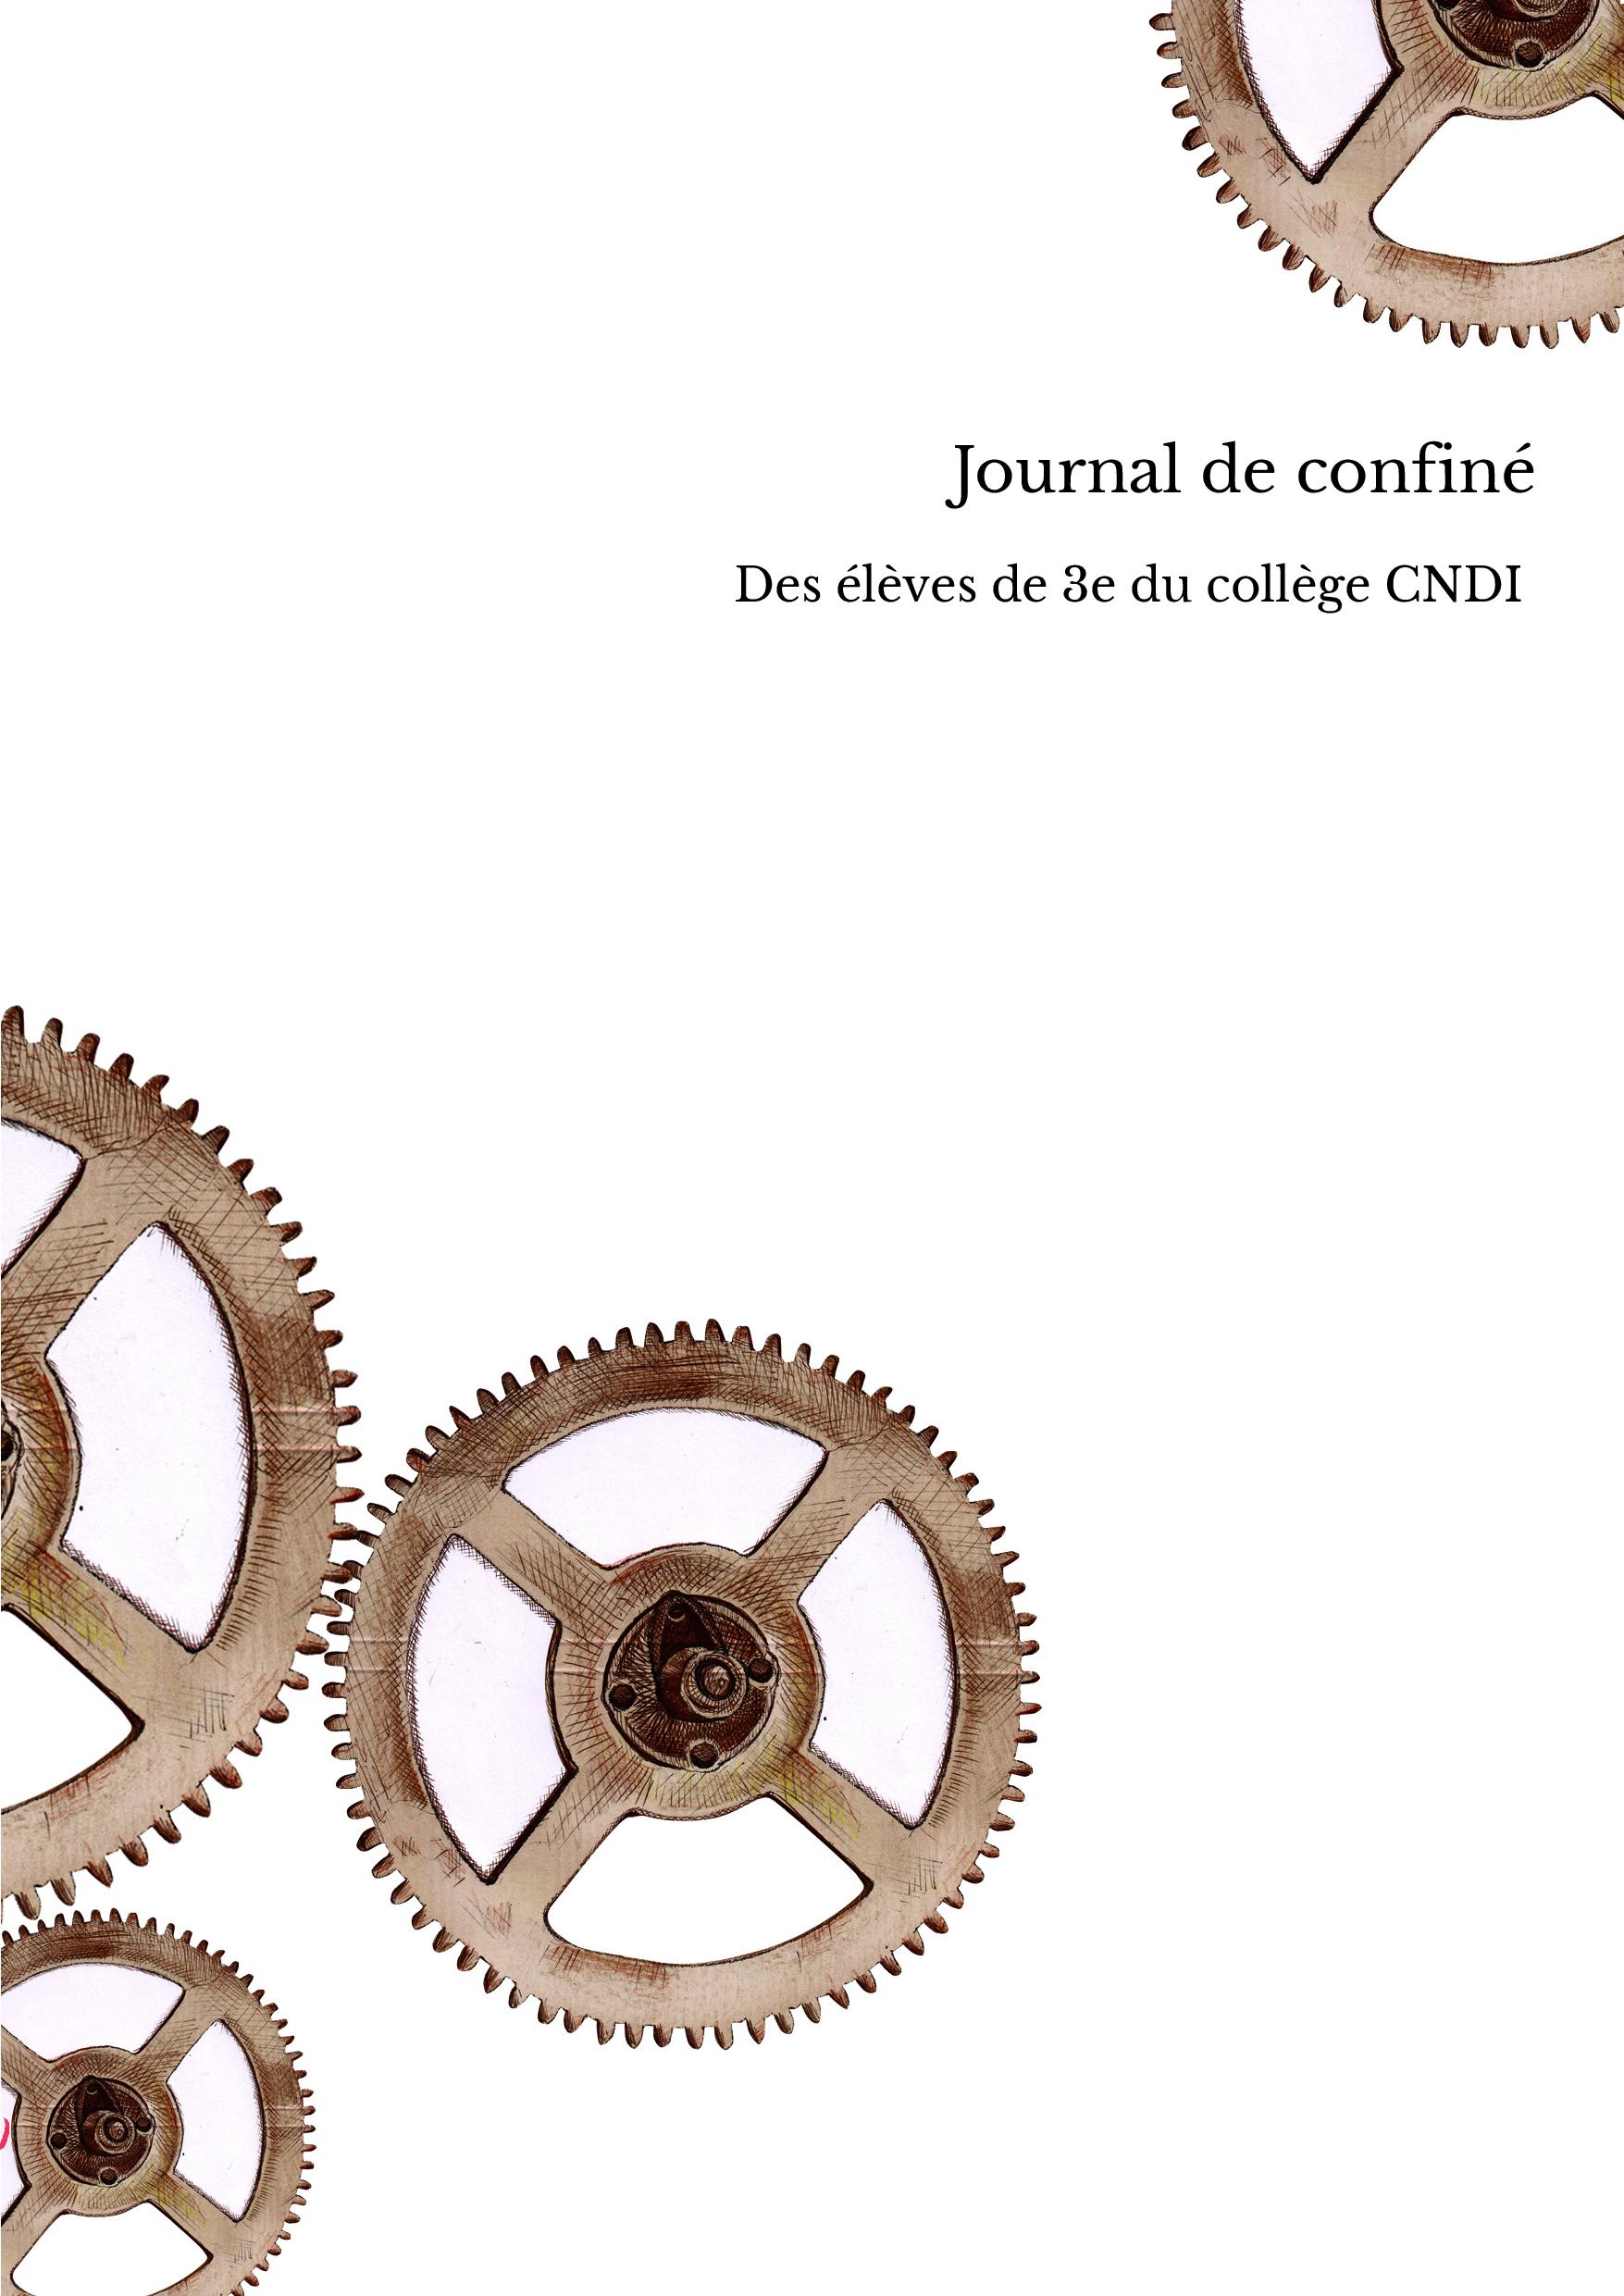 Journal de confiné